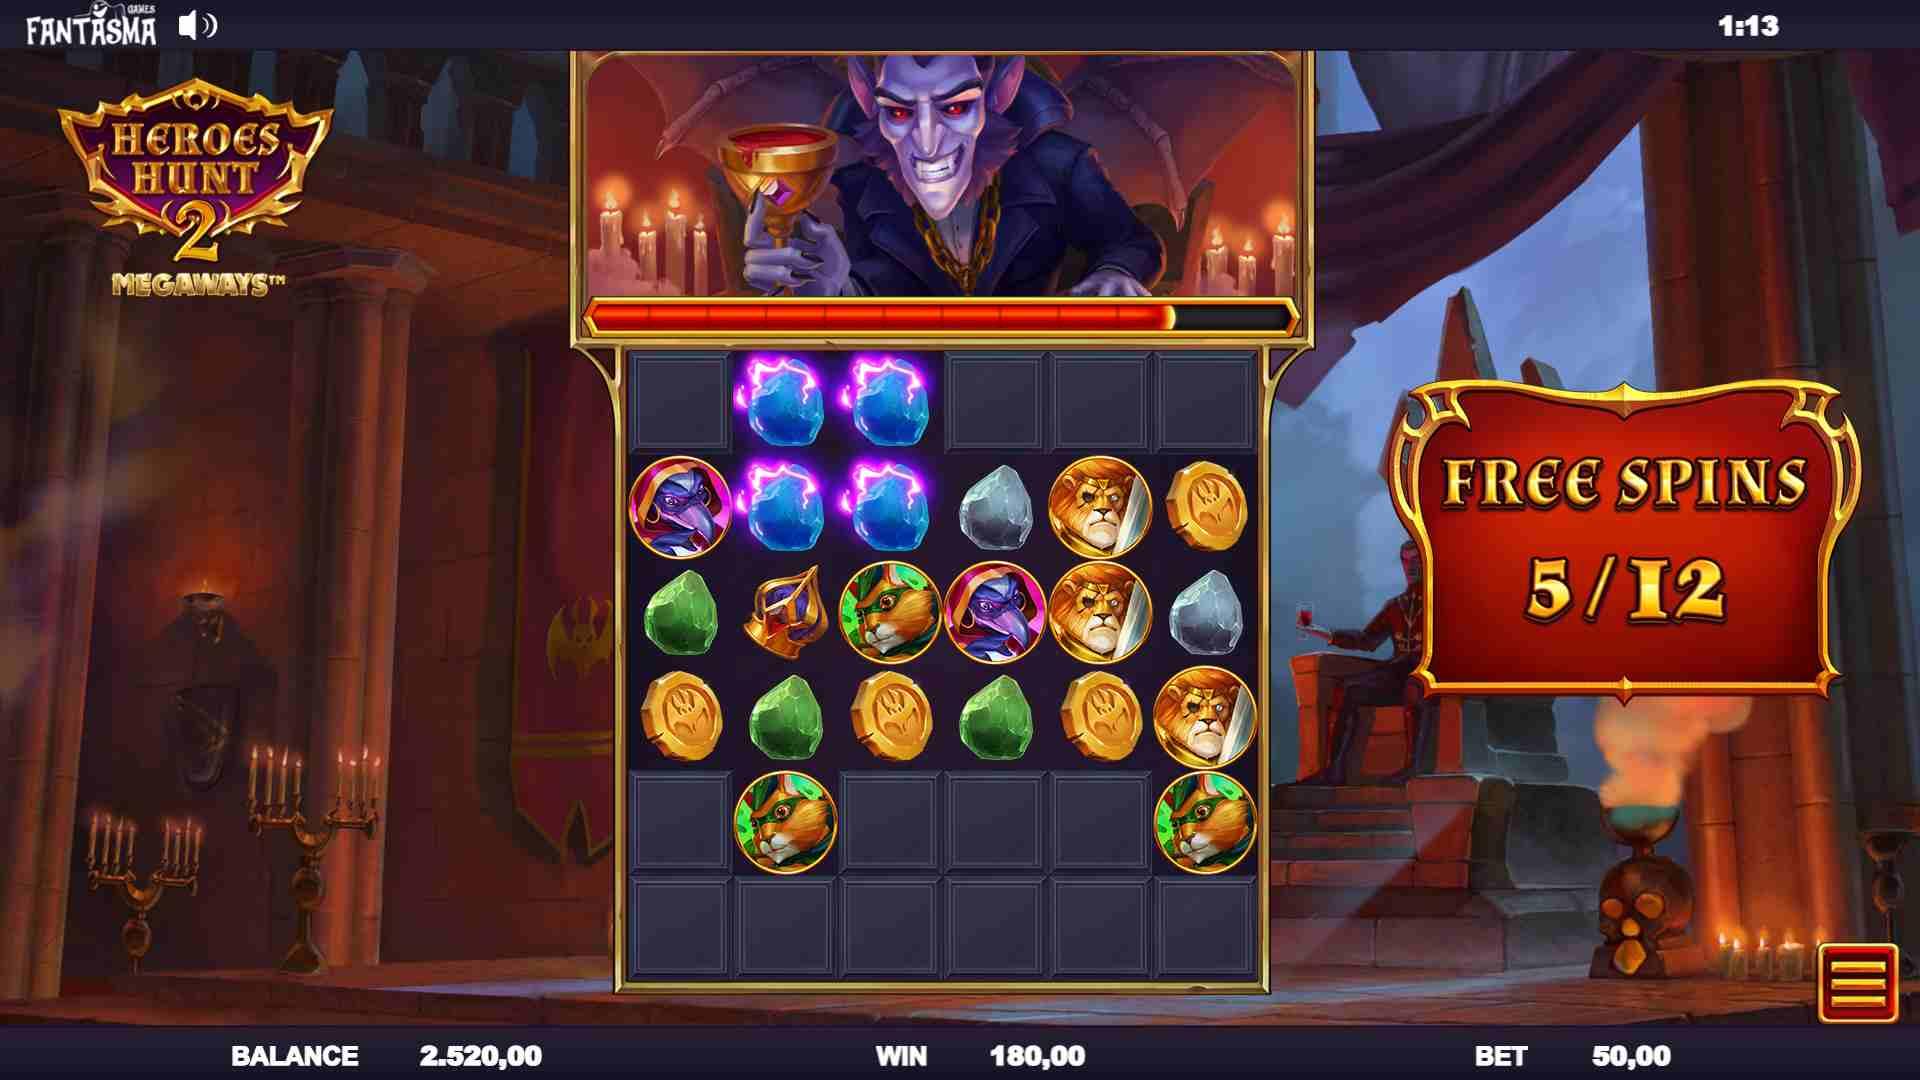 Heroes Hunt 2 Megaways Vampire Free Spins